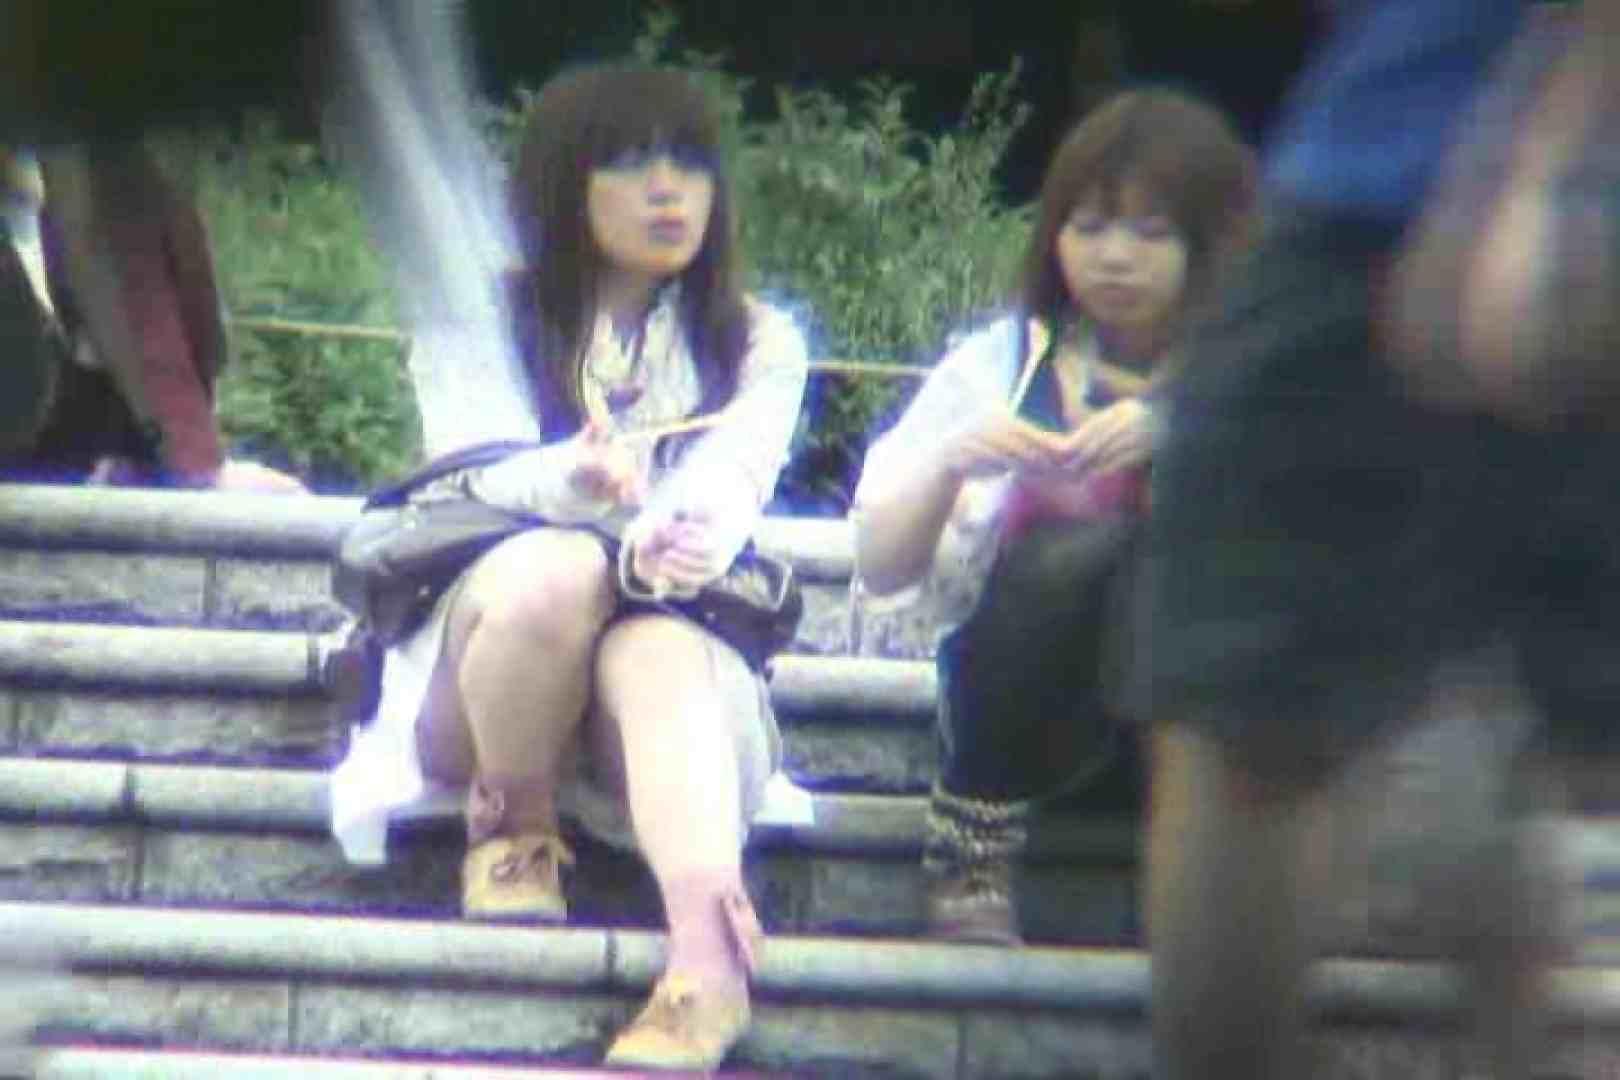 超最新版!春夏秋冬 vol.04 エッチな盗撮 オメコ無修正動画無料 98pic 94